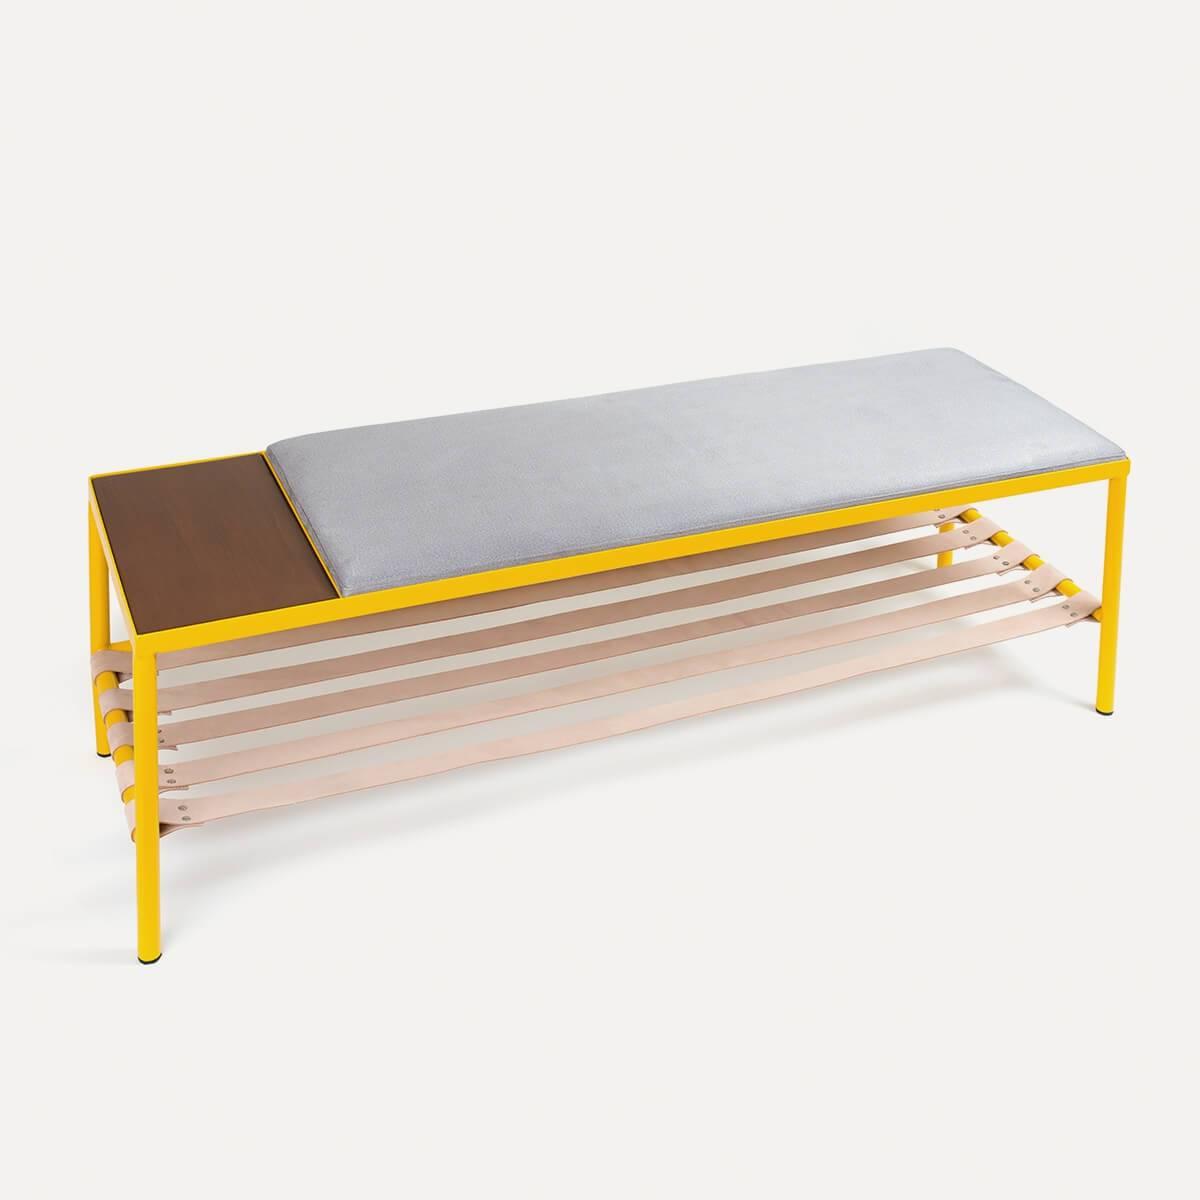 Banc BDC x KANN design - jaune (image n°3)